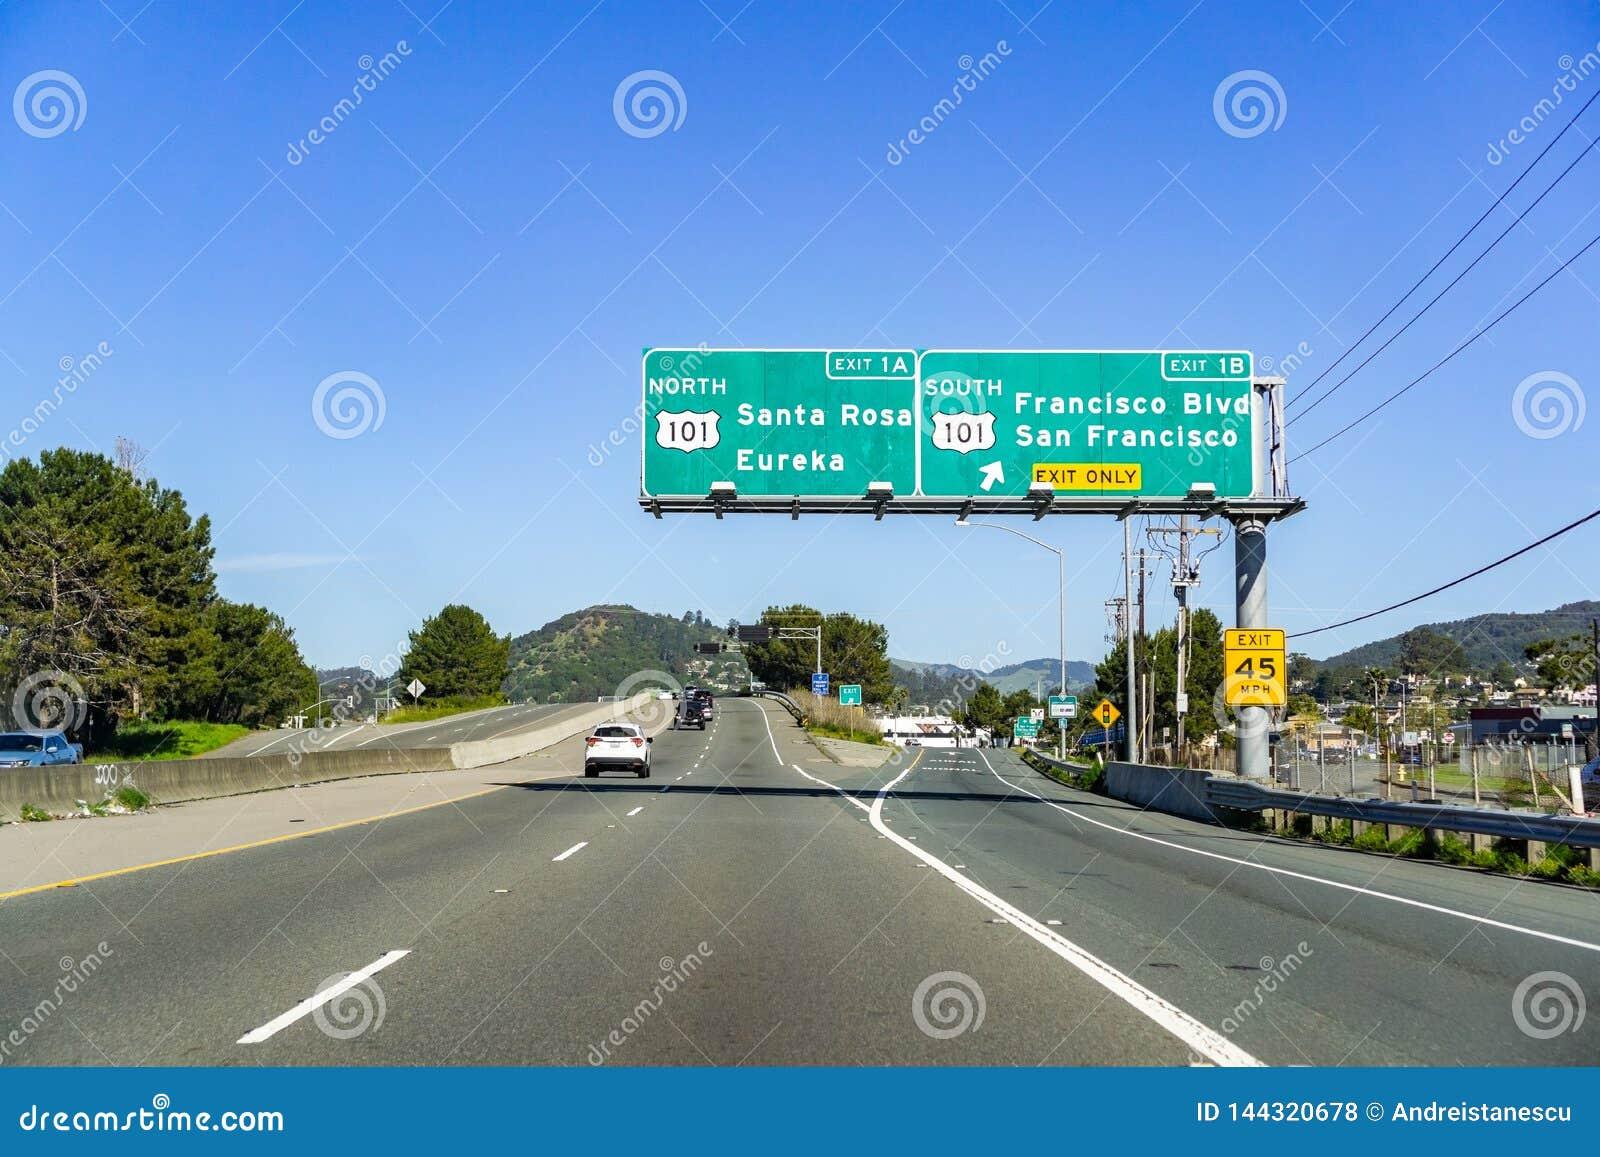 2019年3月31日圣拉斐尔/加州/美国-旅行在往索诺马谷,北部旧金山湾区的高速公路